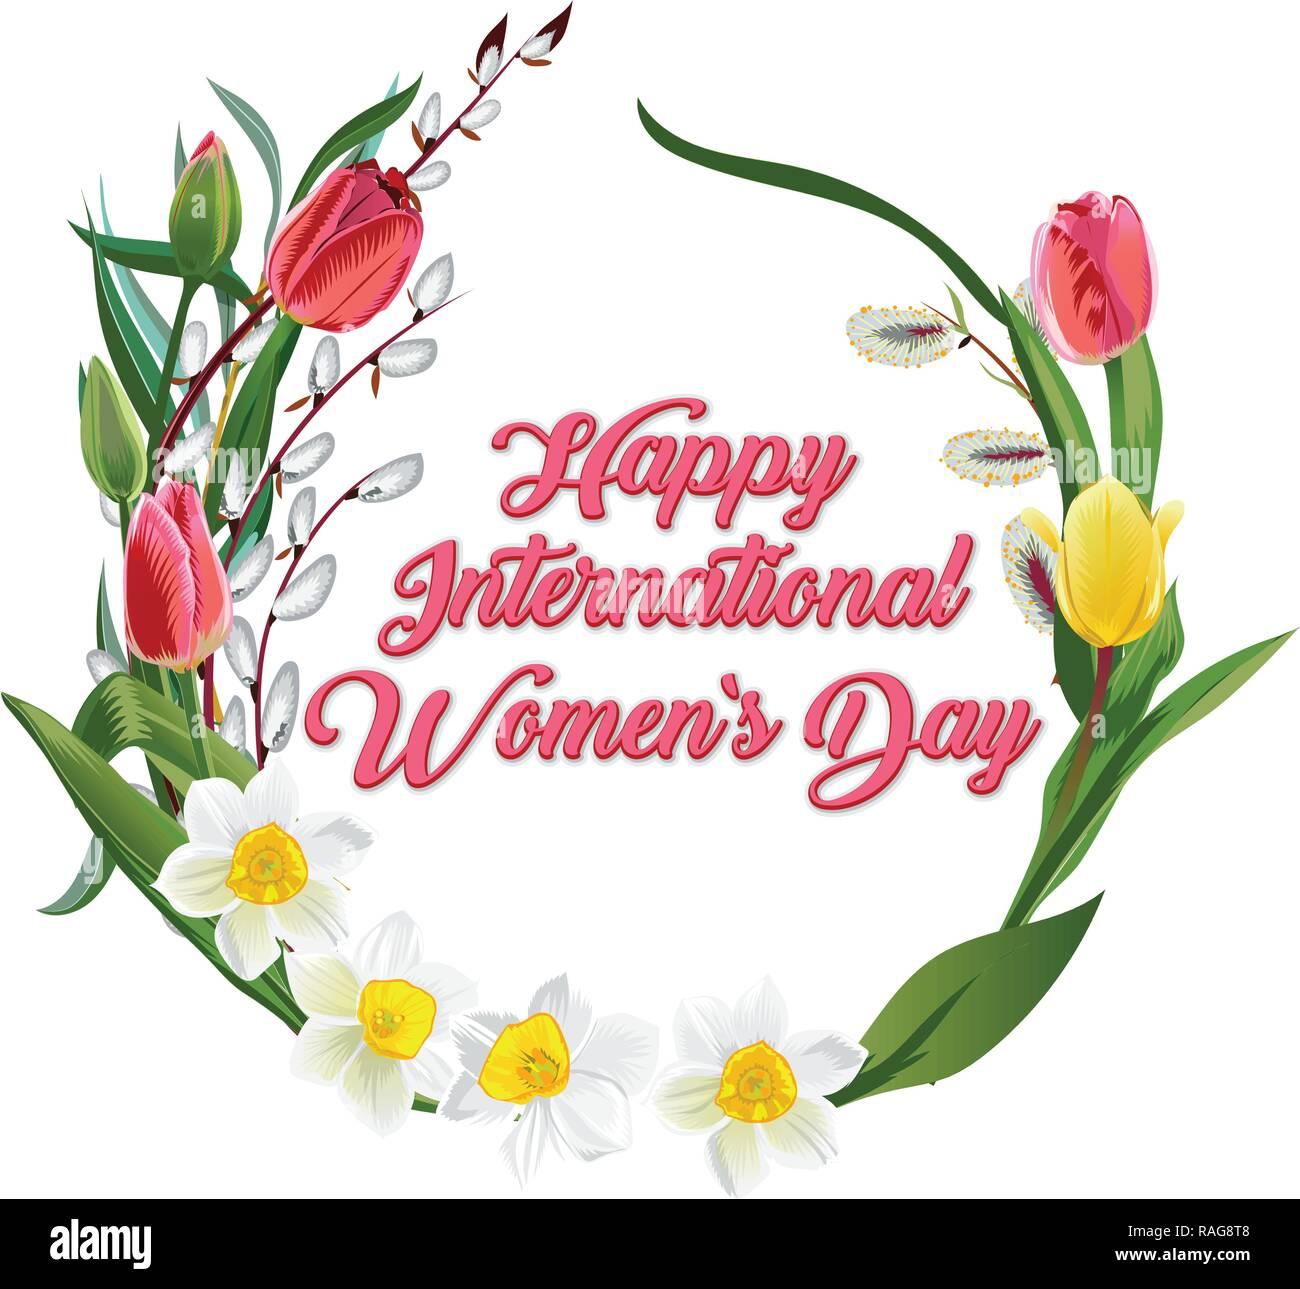 Happy Frauentag Grußkarte. Postkarte Am 8. März. Text Mit